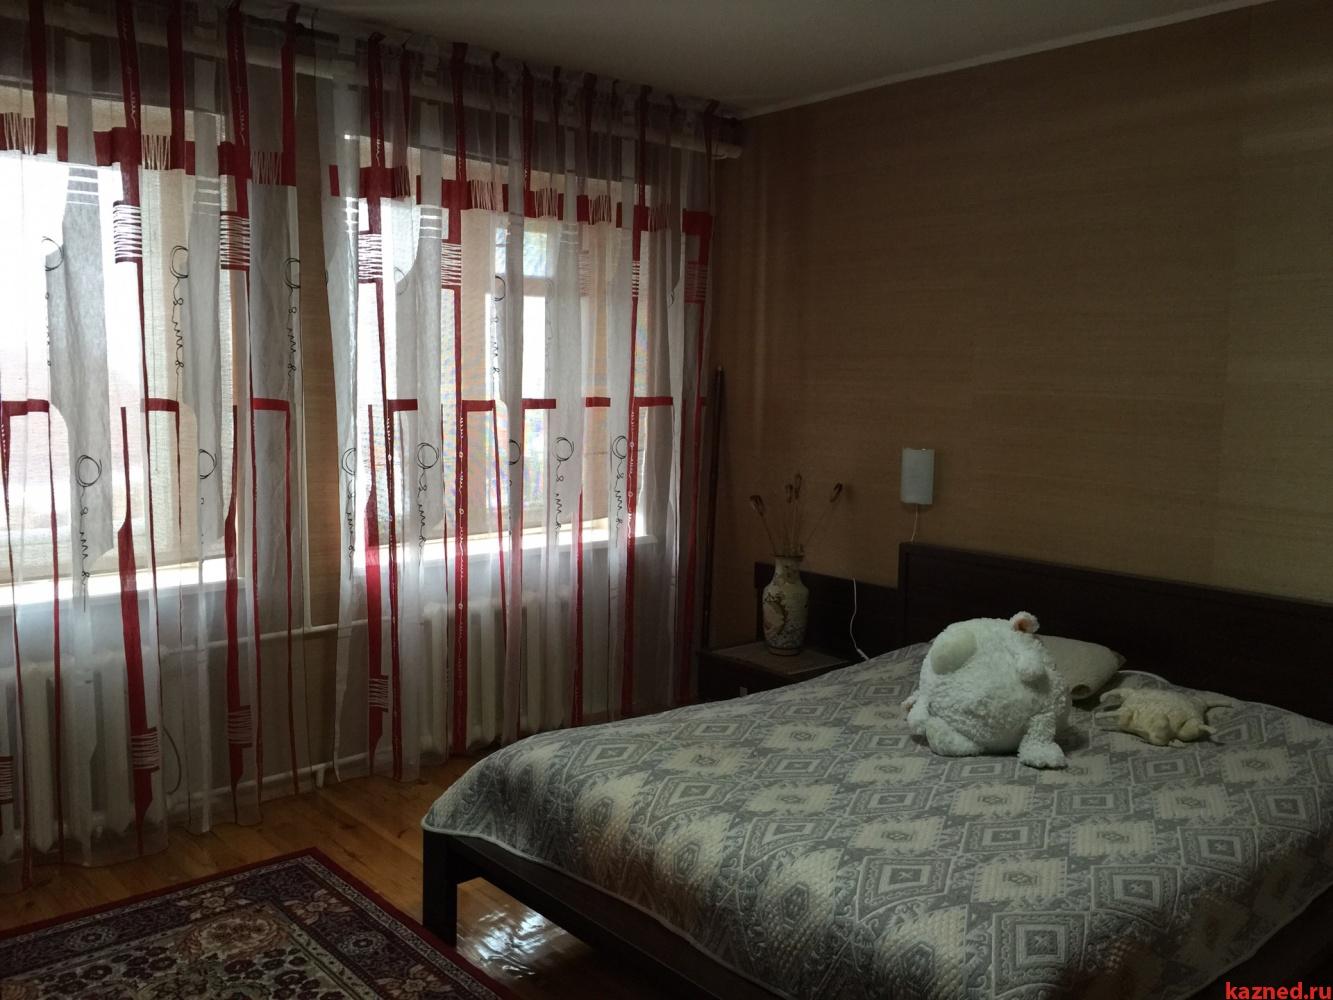 Продажа  дома Овражная, 48, 240 м²  (миниатюра №9)